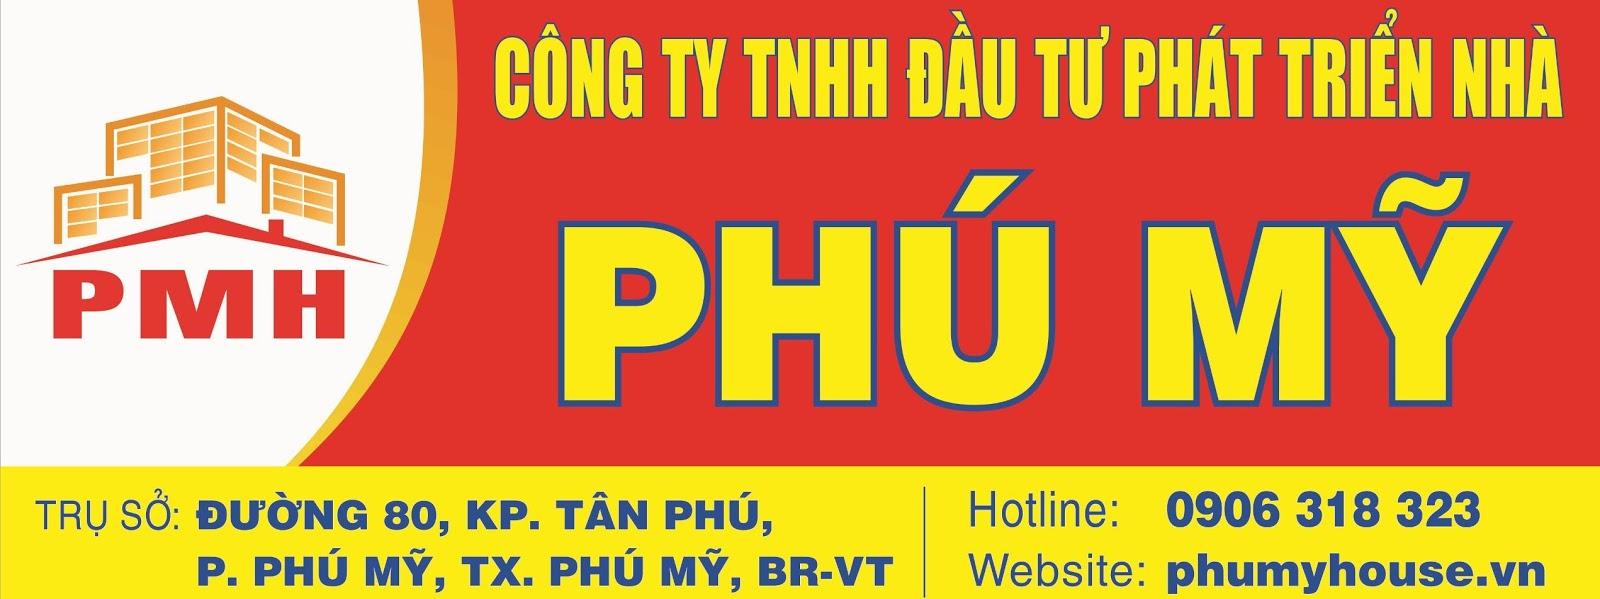 Đất Hắc Dịch Tóc Tiên Châu Pha Phú Mỹ Bà Rịa| Dat Hac Dich Toc Tien Chau Pha Phu My Ba Ria